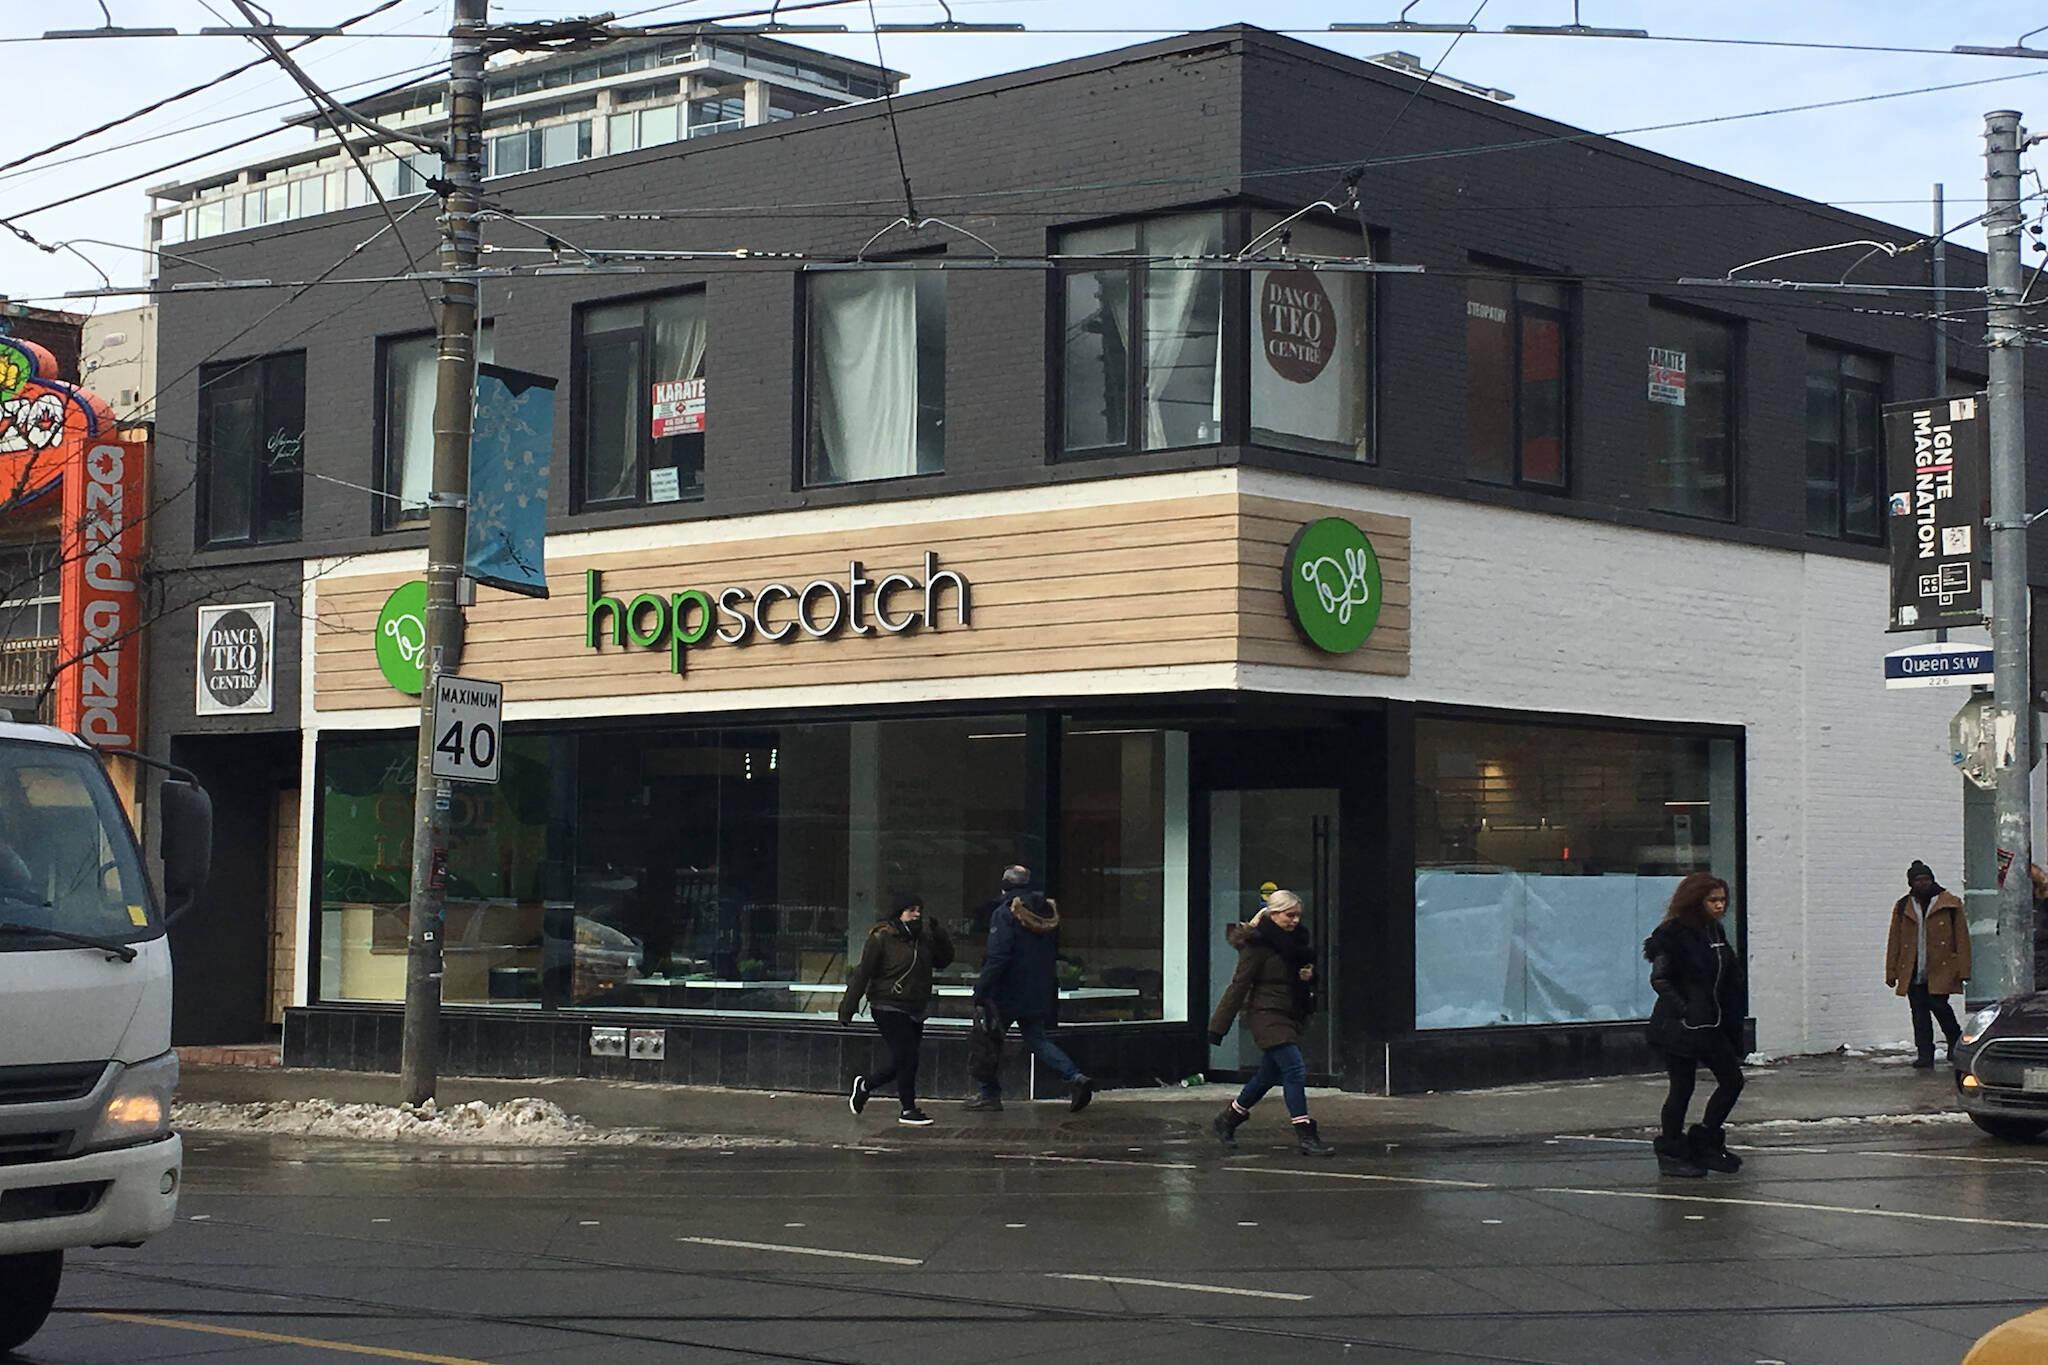 Hopscotch Toronto